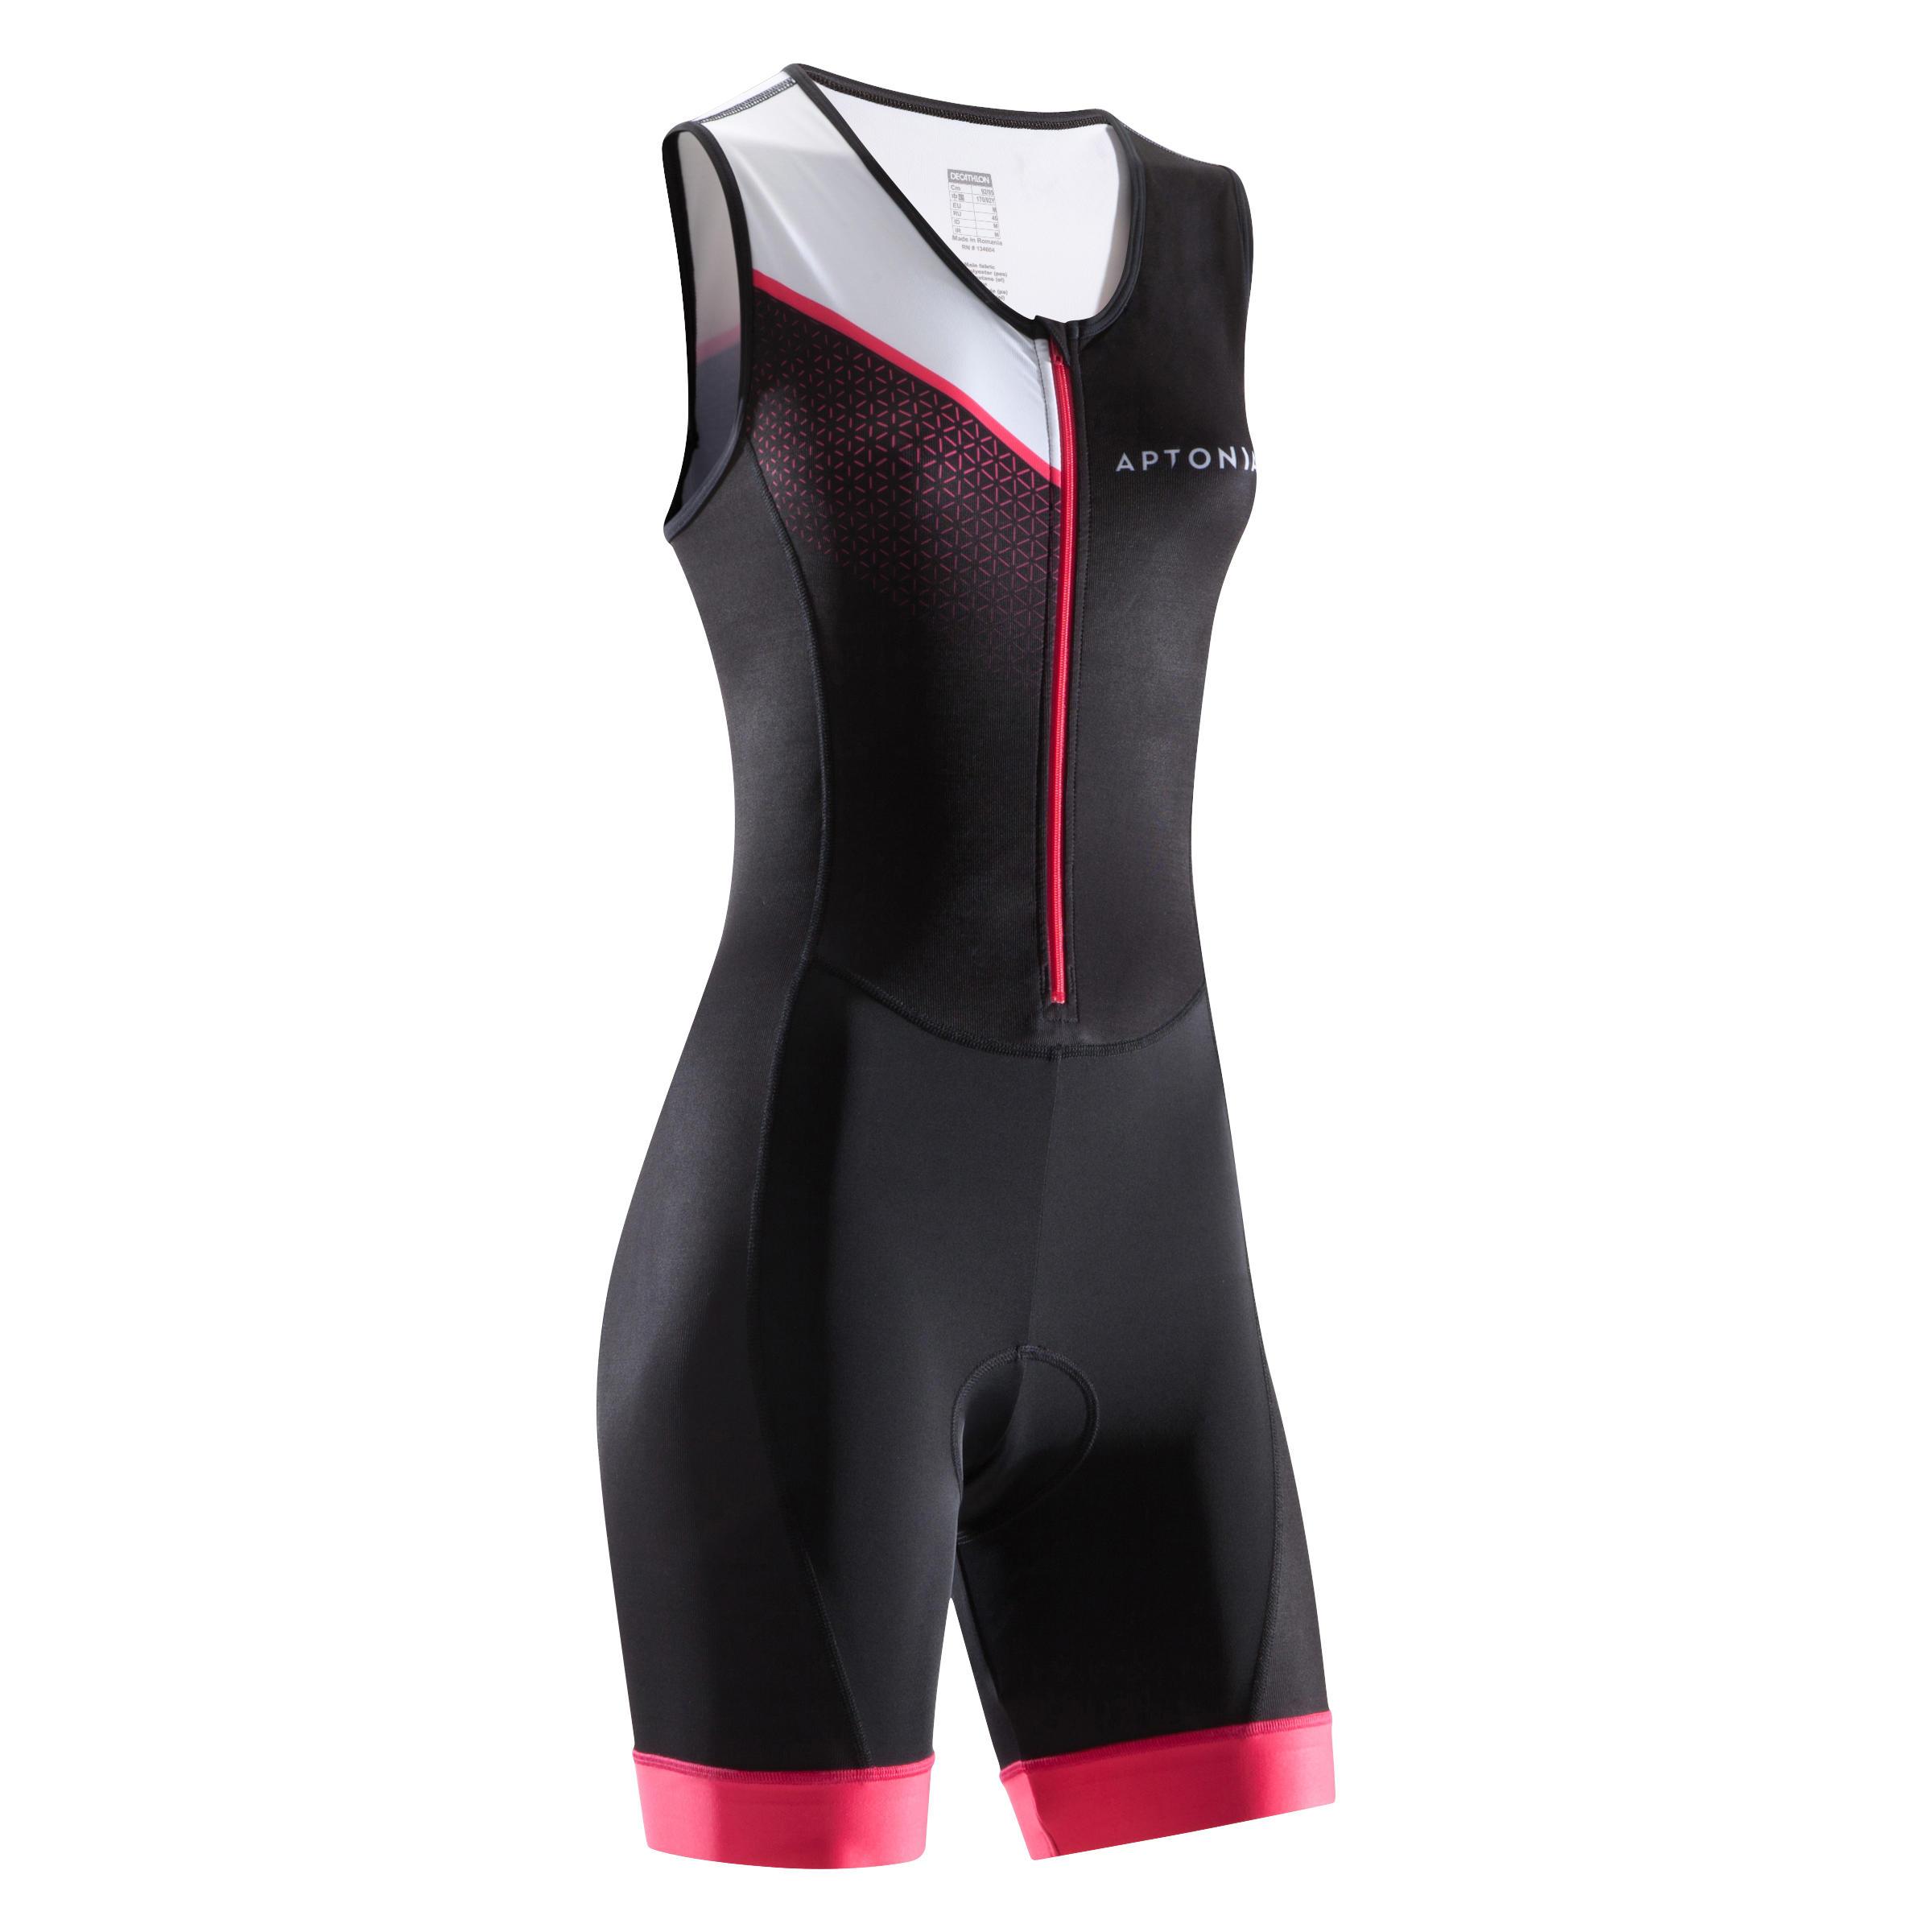 Aptonia Mouwloze trisuit met rits vooraan voor dames korte afstand triatlon zwart roze